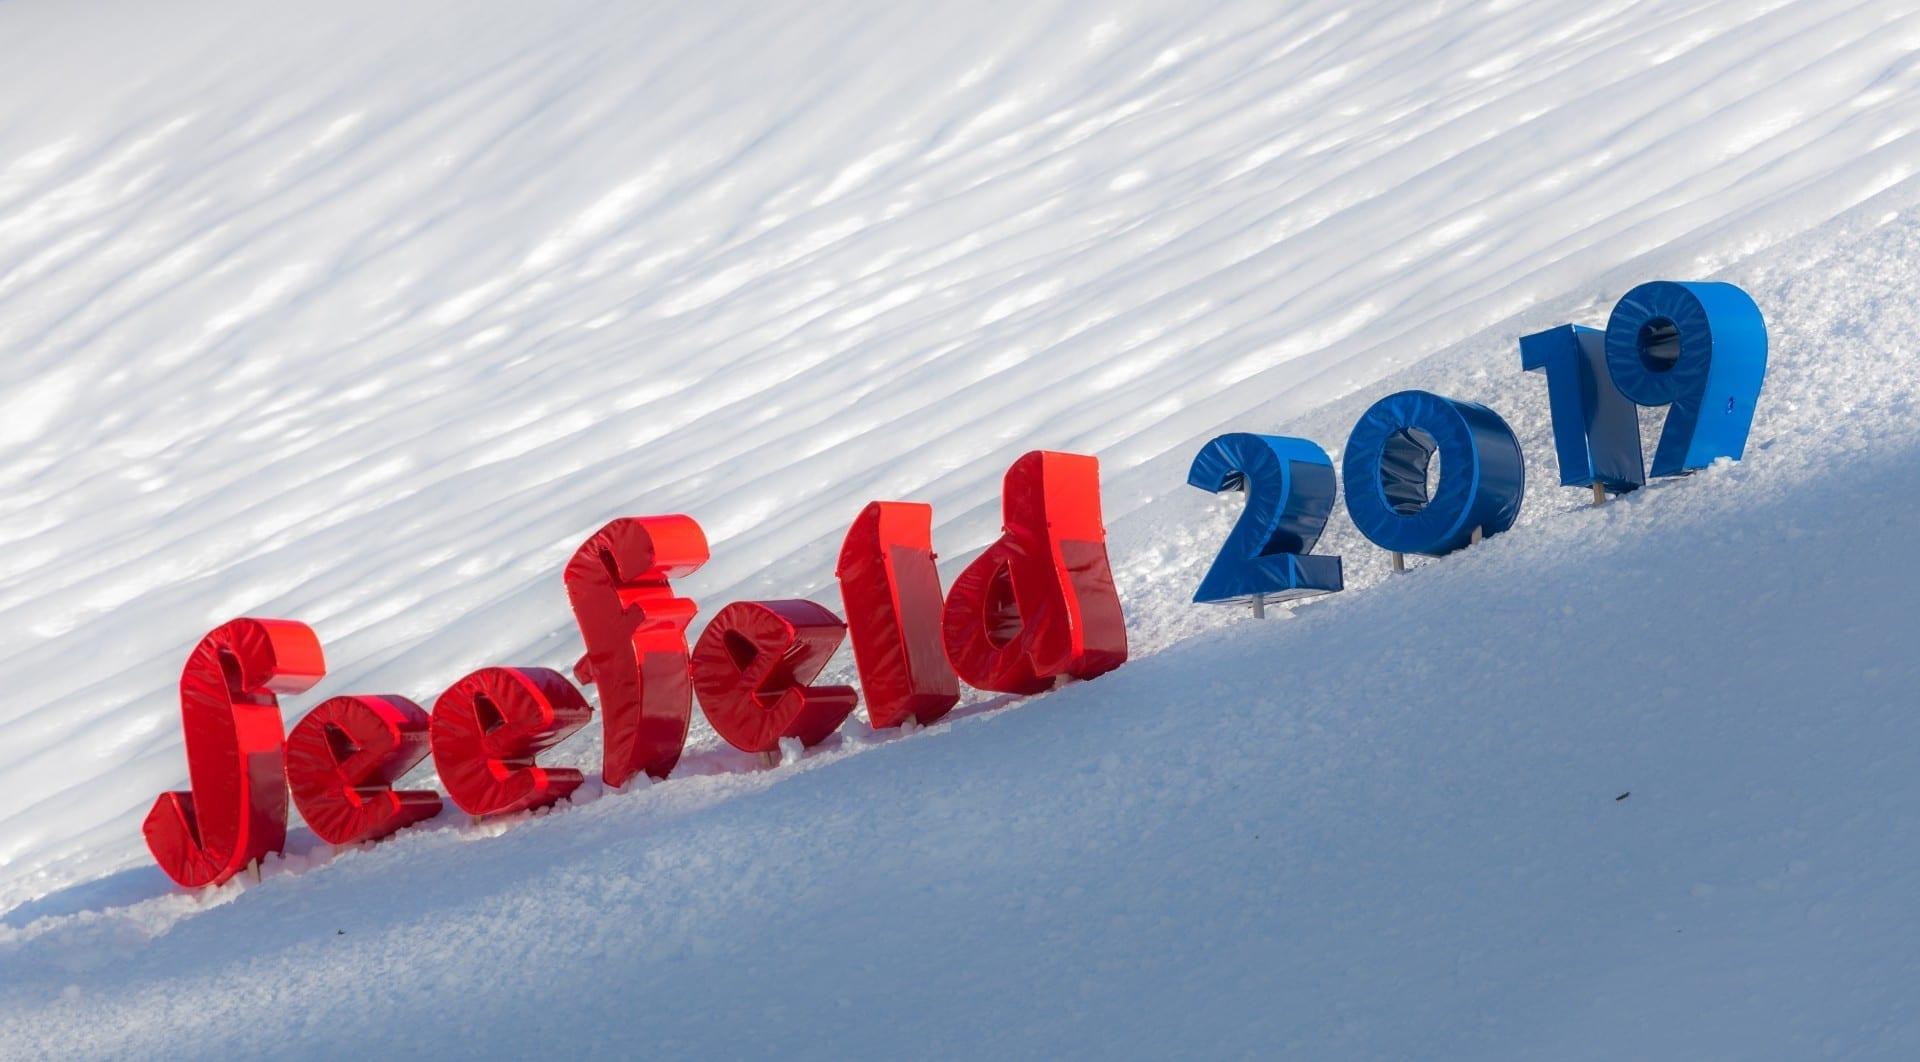 Seefeld, anfitrión de los Campeonatos Mundiales de Esquí Nórdico de la FIS en 2019 Seefeld Austria